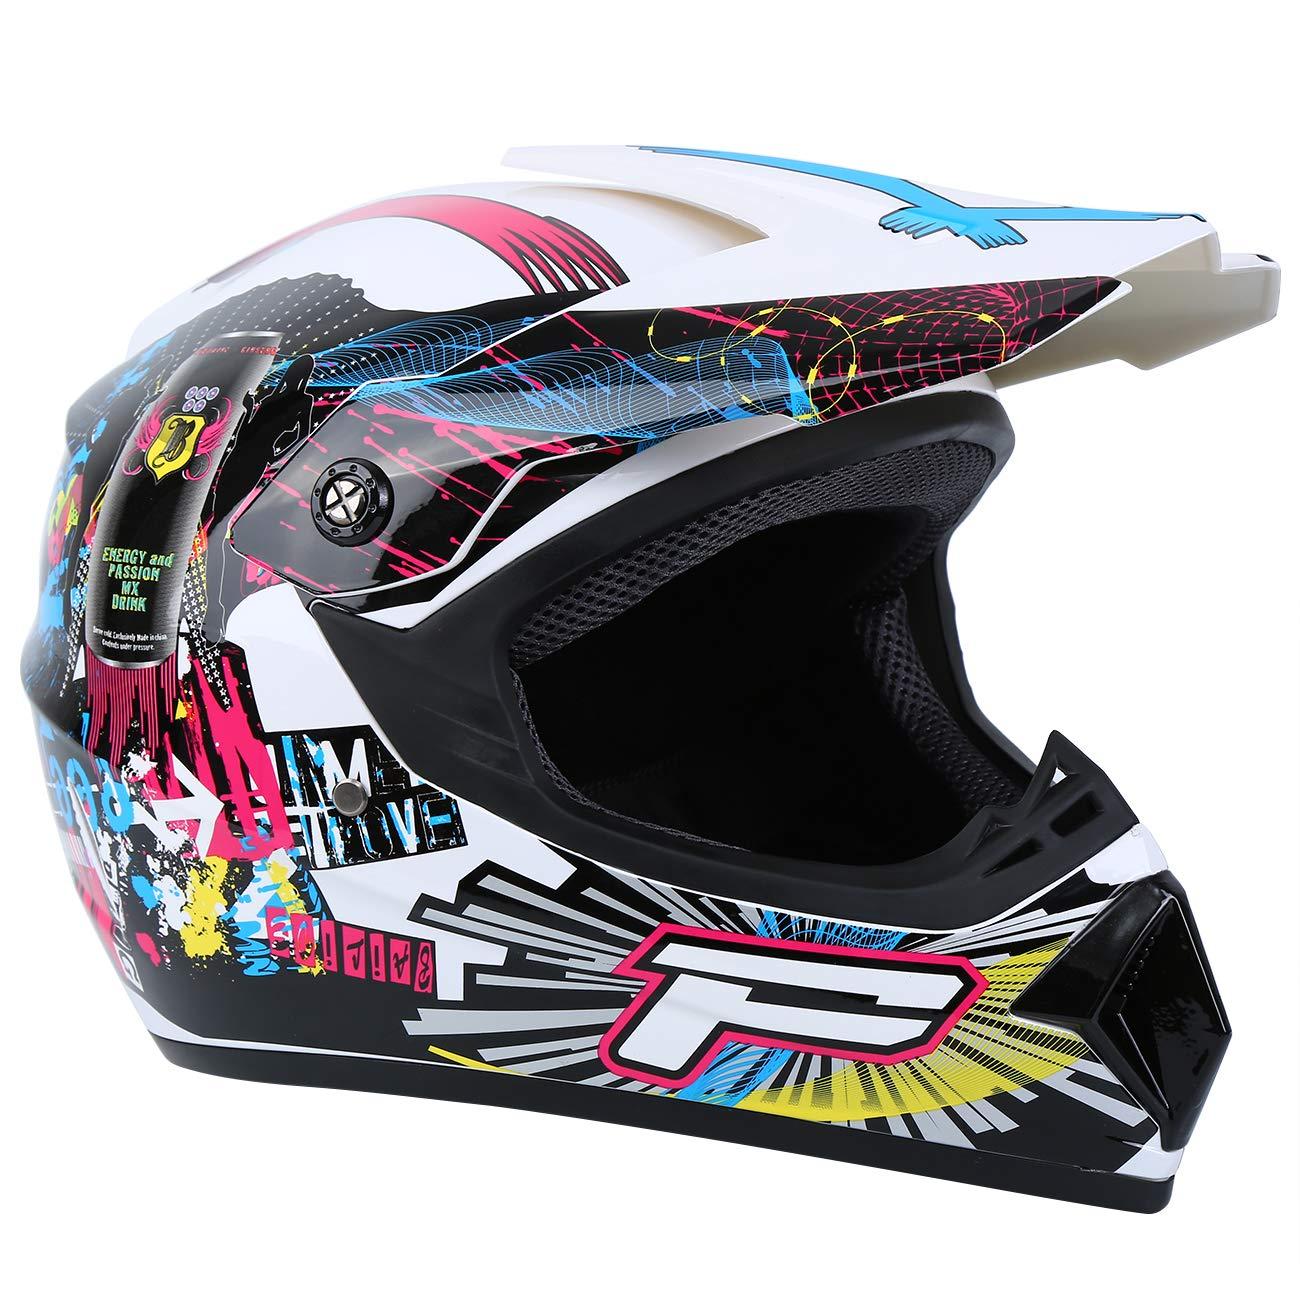 Amarillo, XL Samger DOT Adulto Offroad Casco Motocross Casco Dirt Bike ATV Motocicleta Casco Guantes Gafas